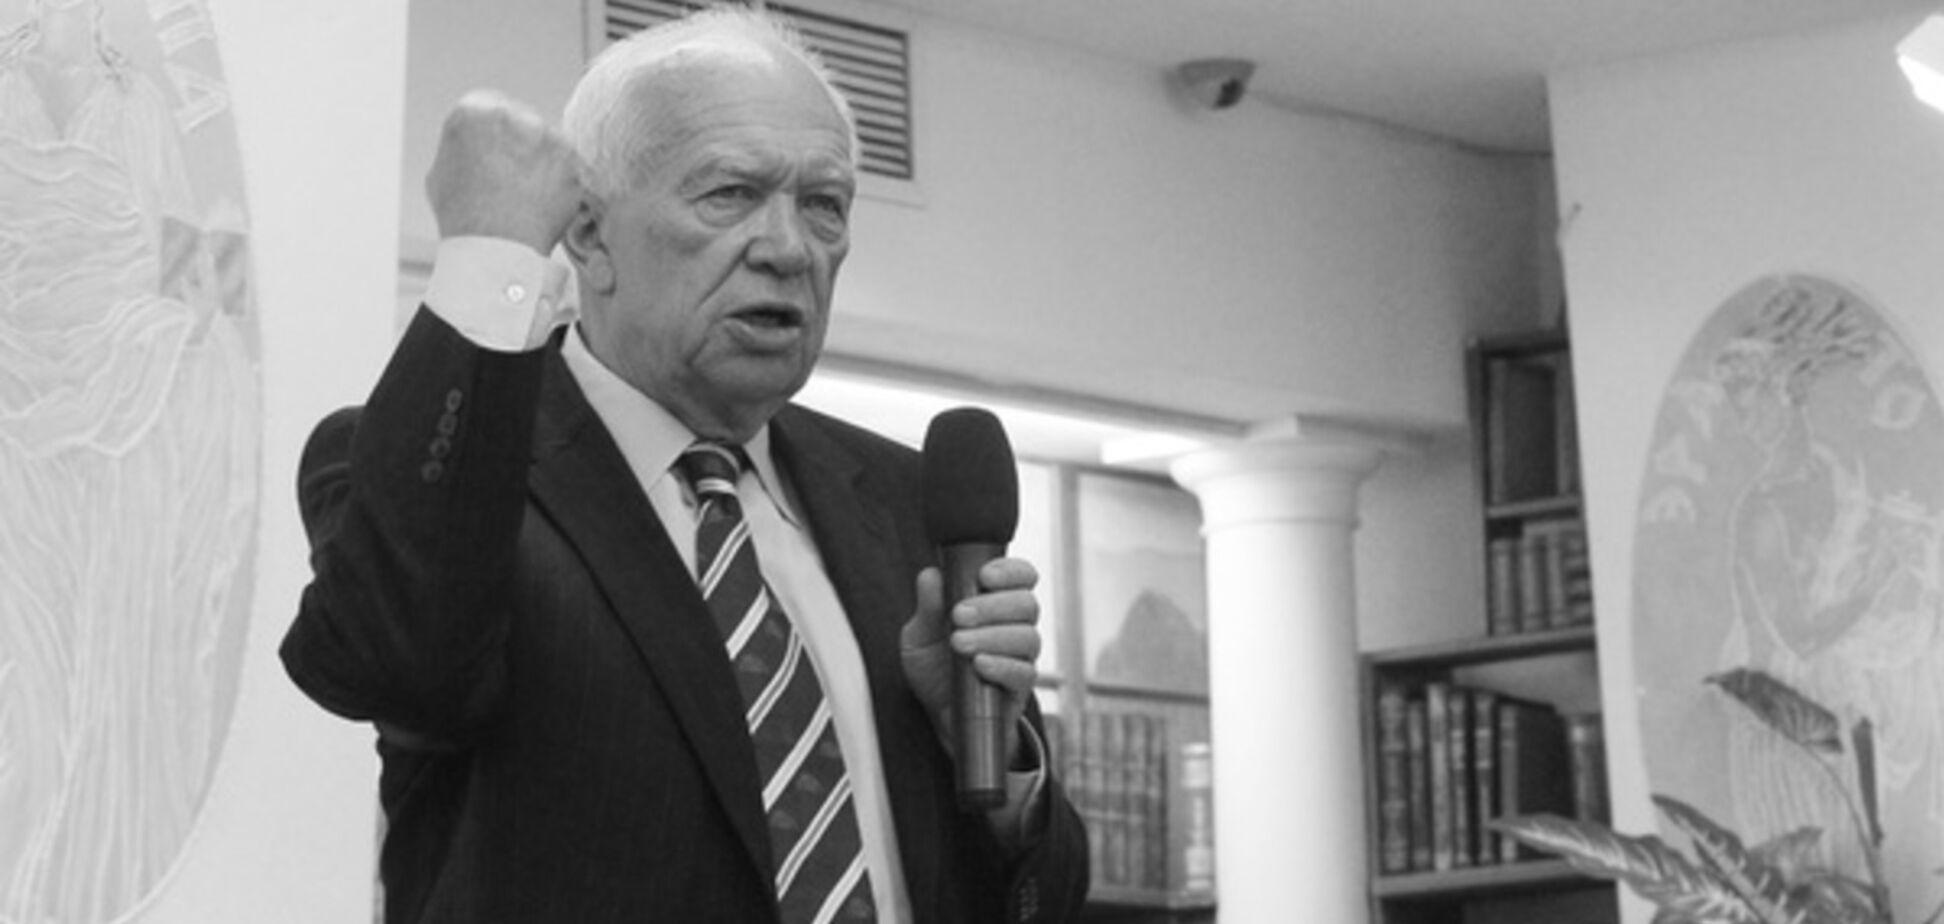 Сергей Хрущев умер в США